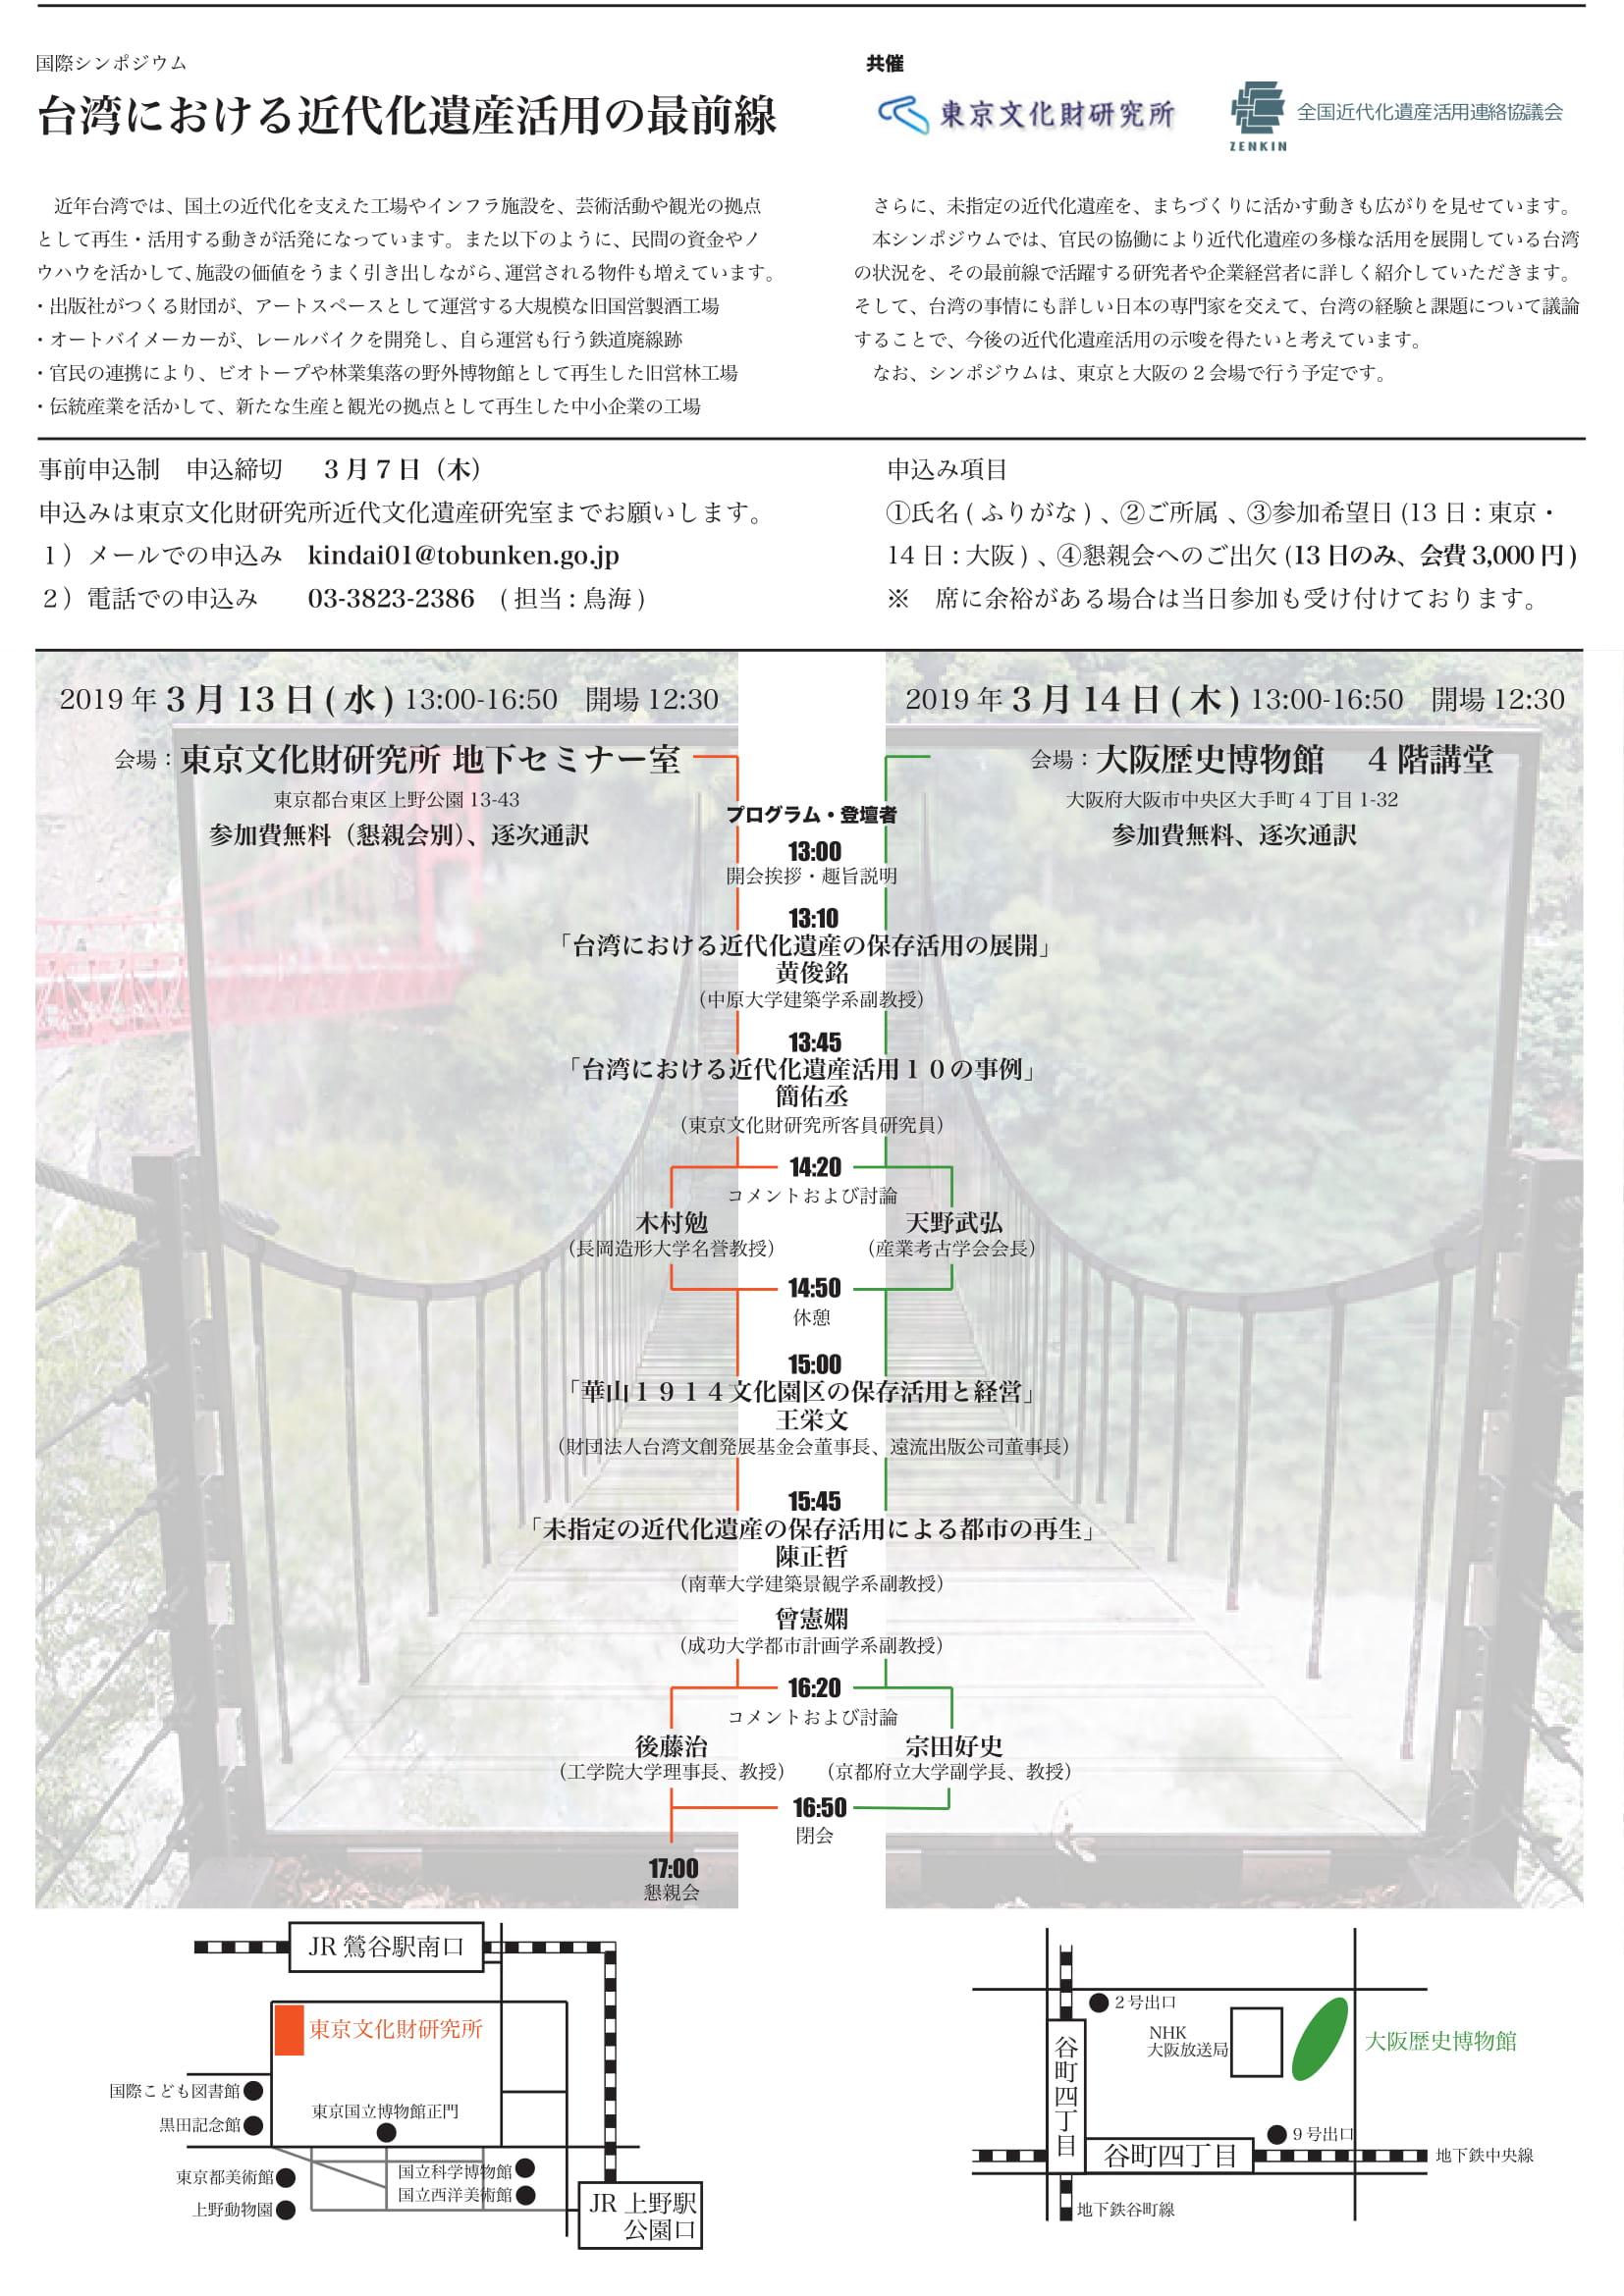 3/14台湾における近代化遺産活用の最前線 東京3月13日(水) 大阪3月14日(木)